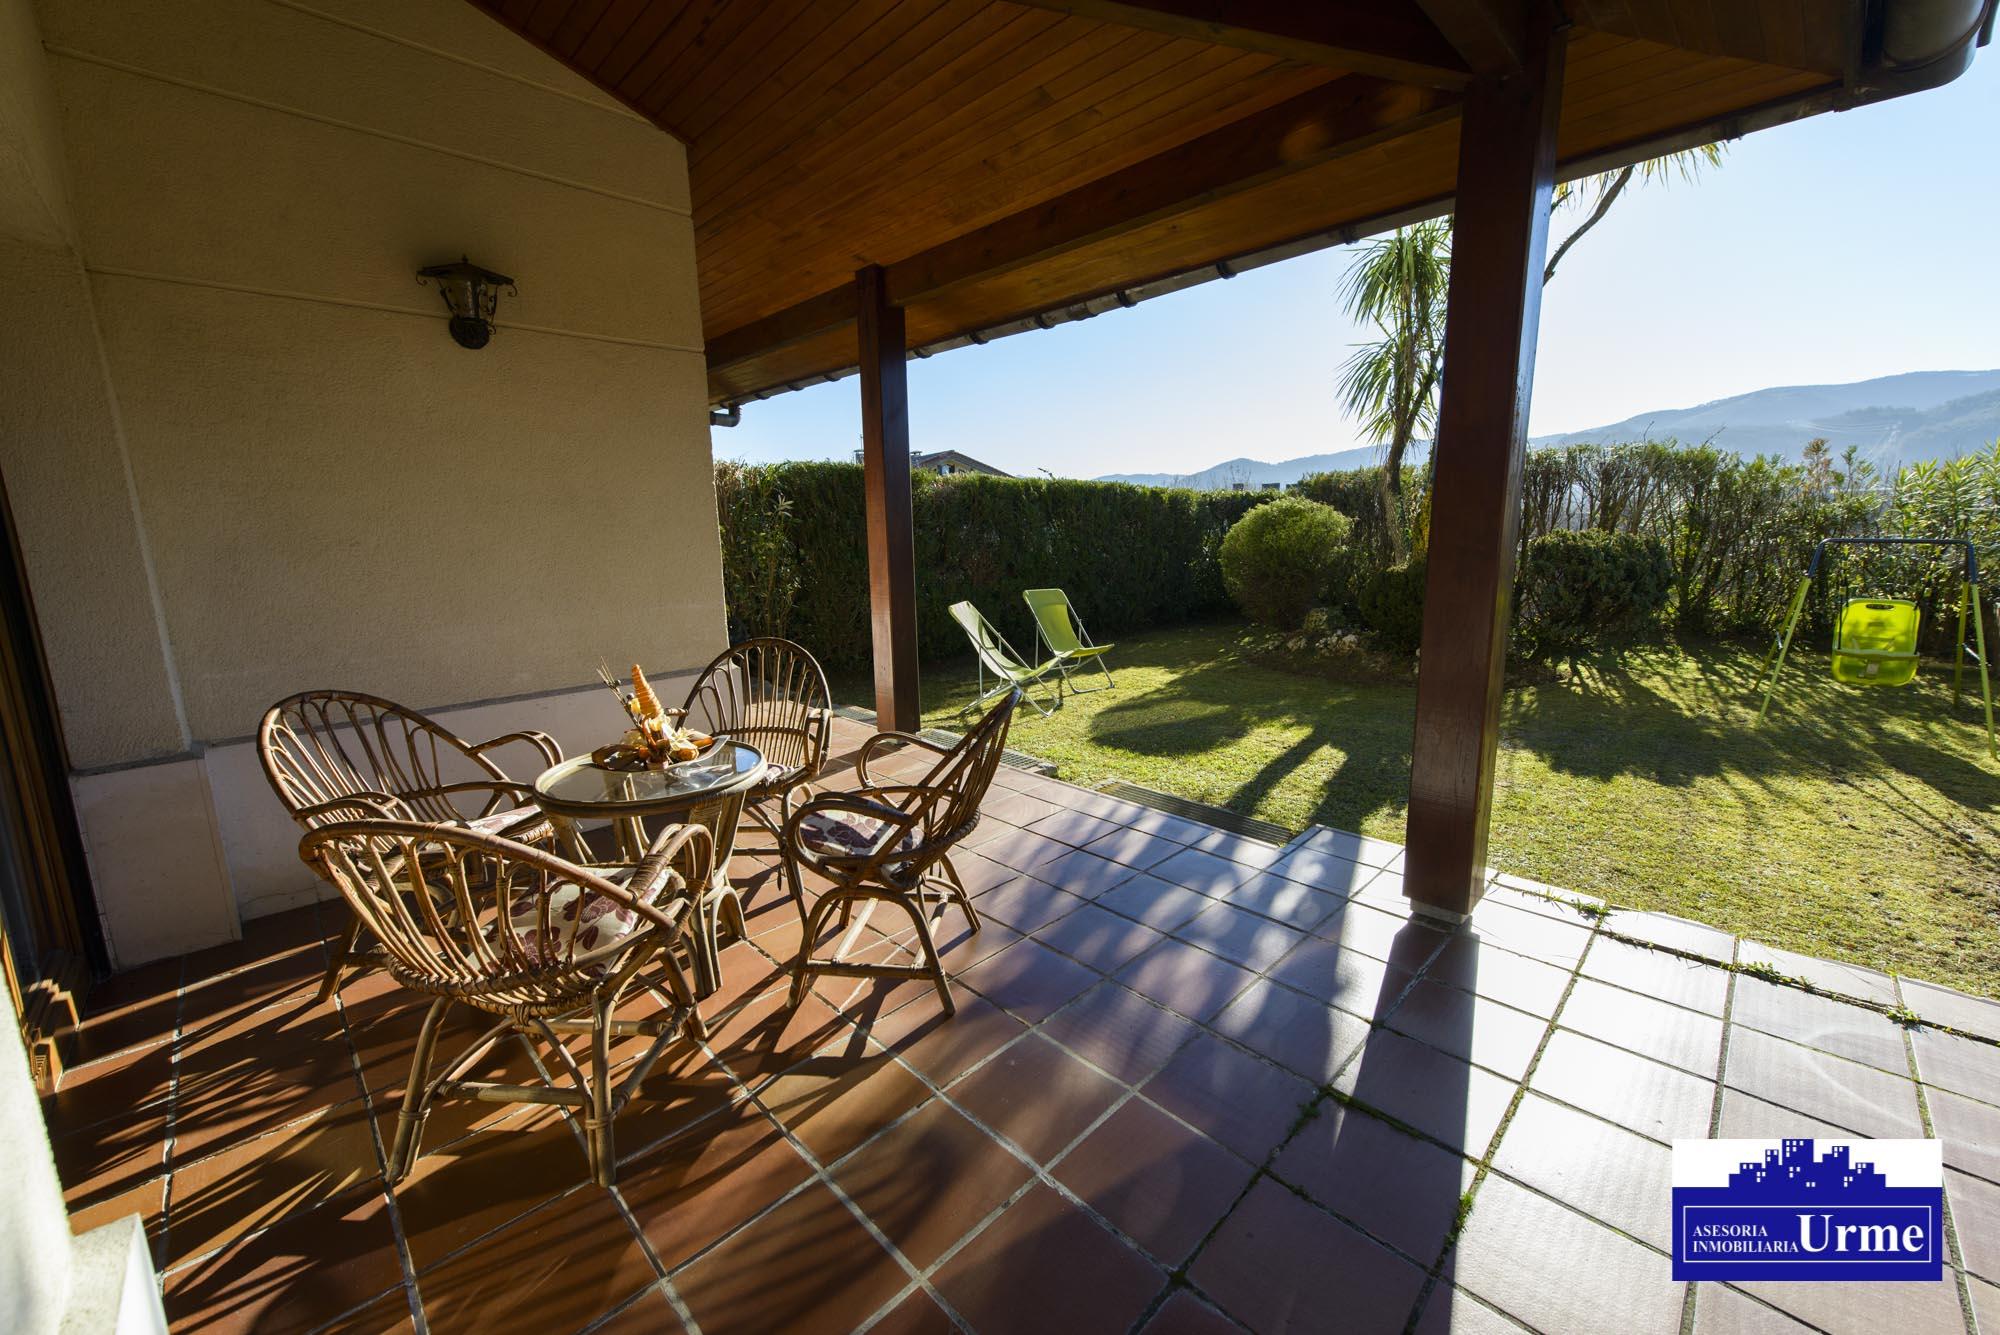 Villa unifamiliar en perfecto estado,zona tranquila, vistas despejadas y sol.